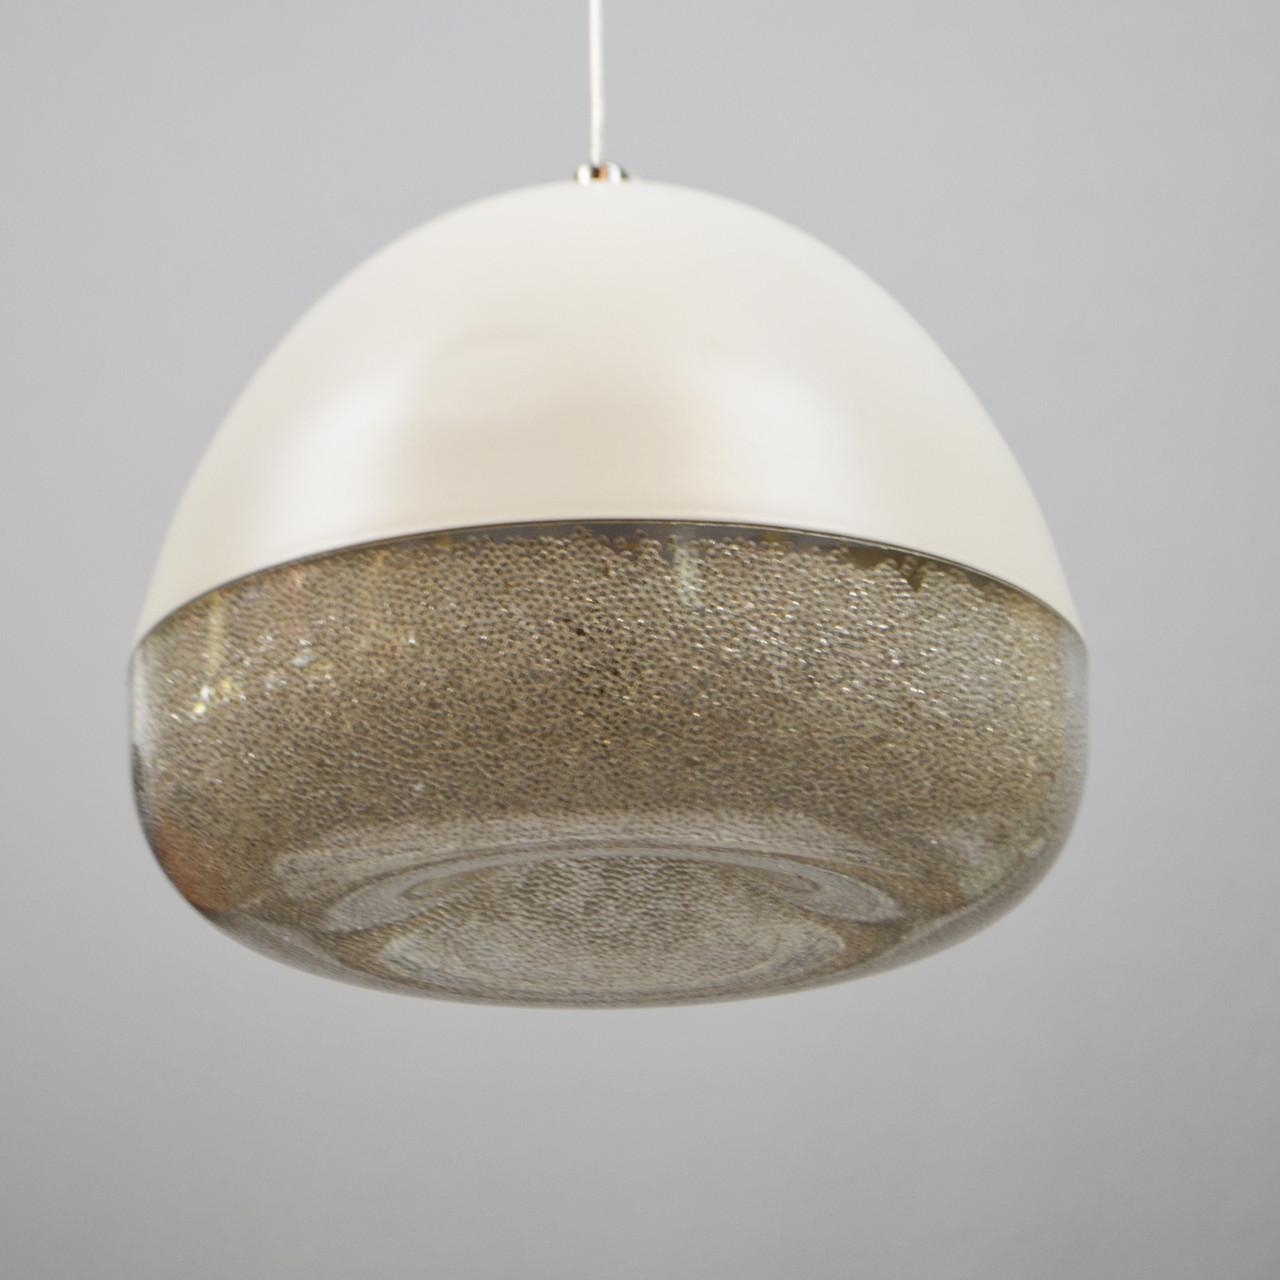 Люстра подвесная LED YM-80030/1 WT